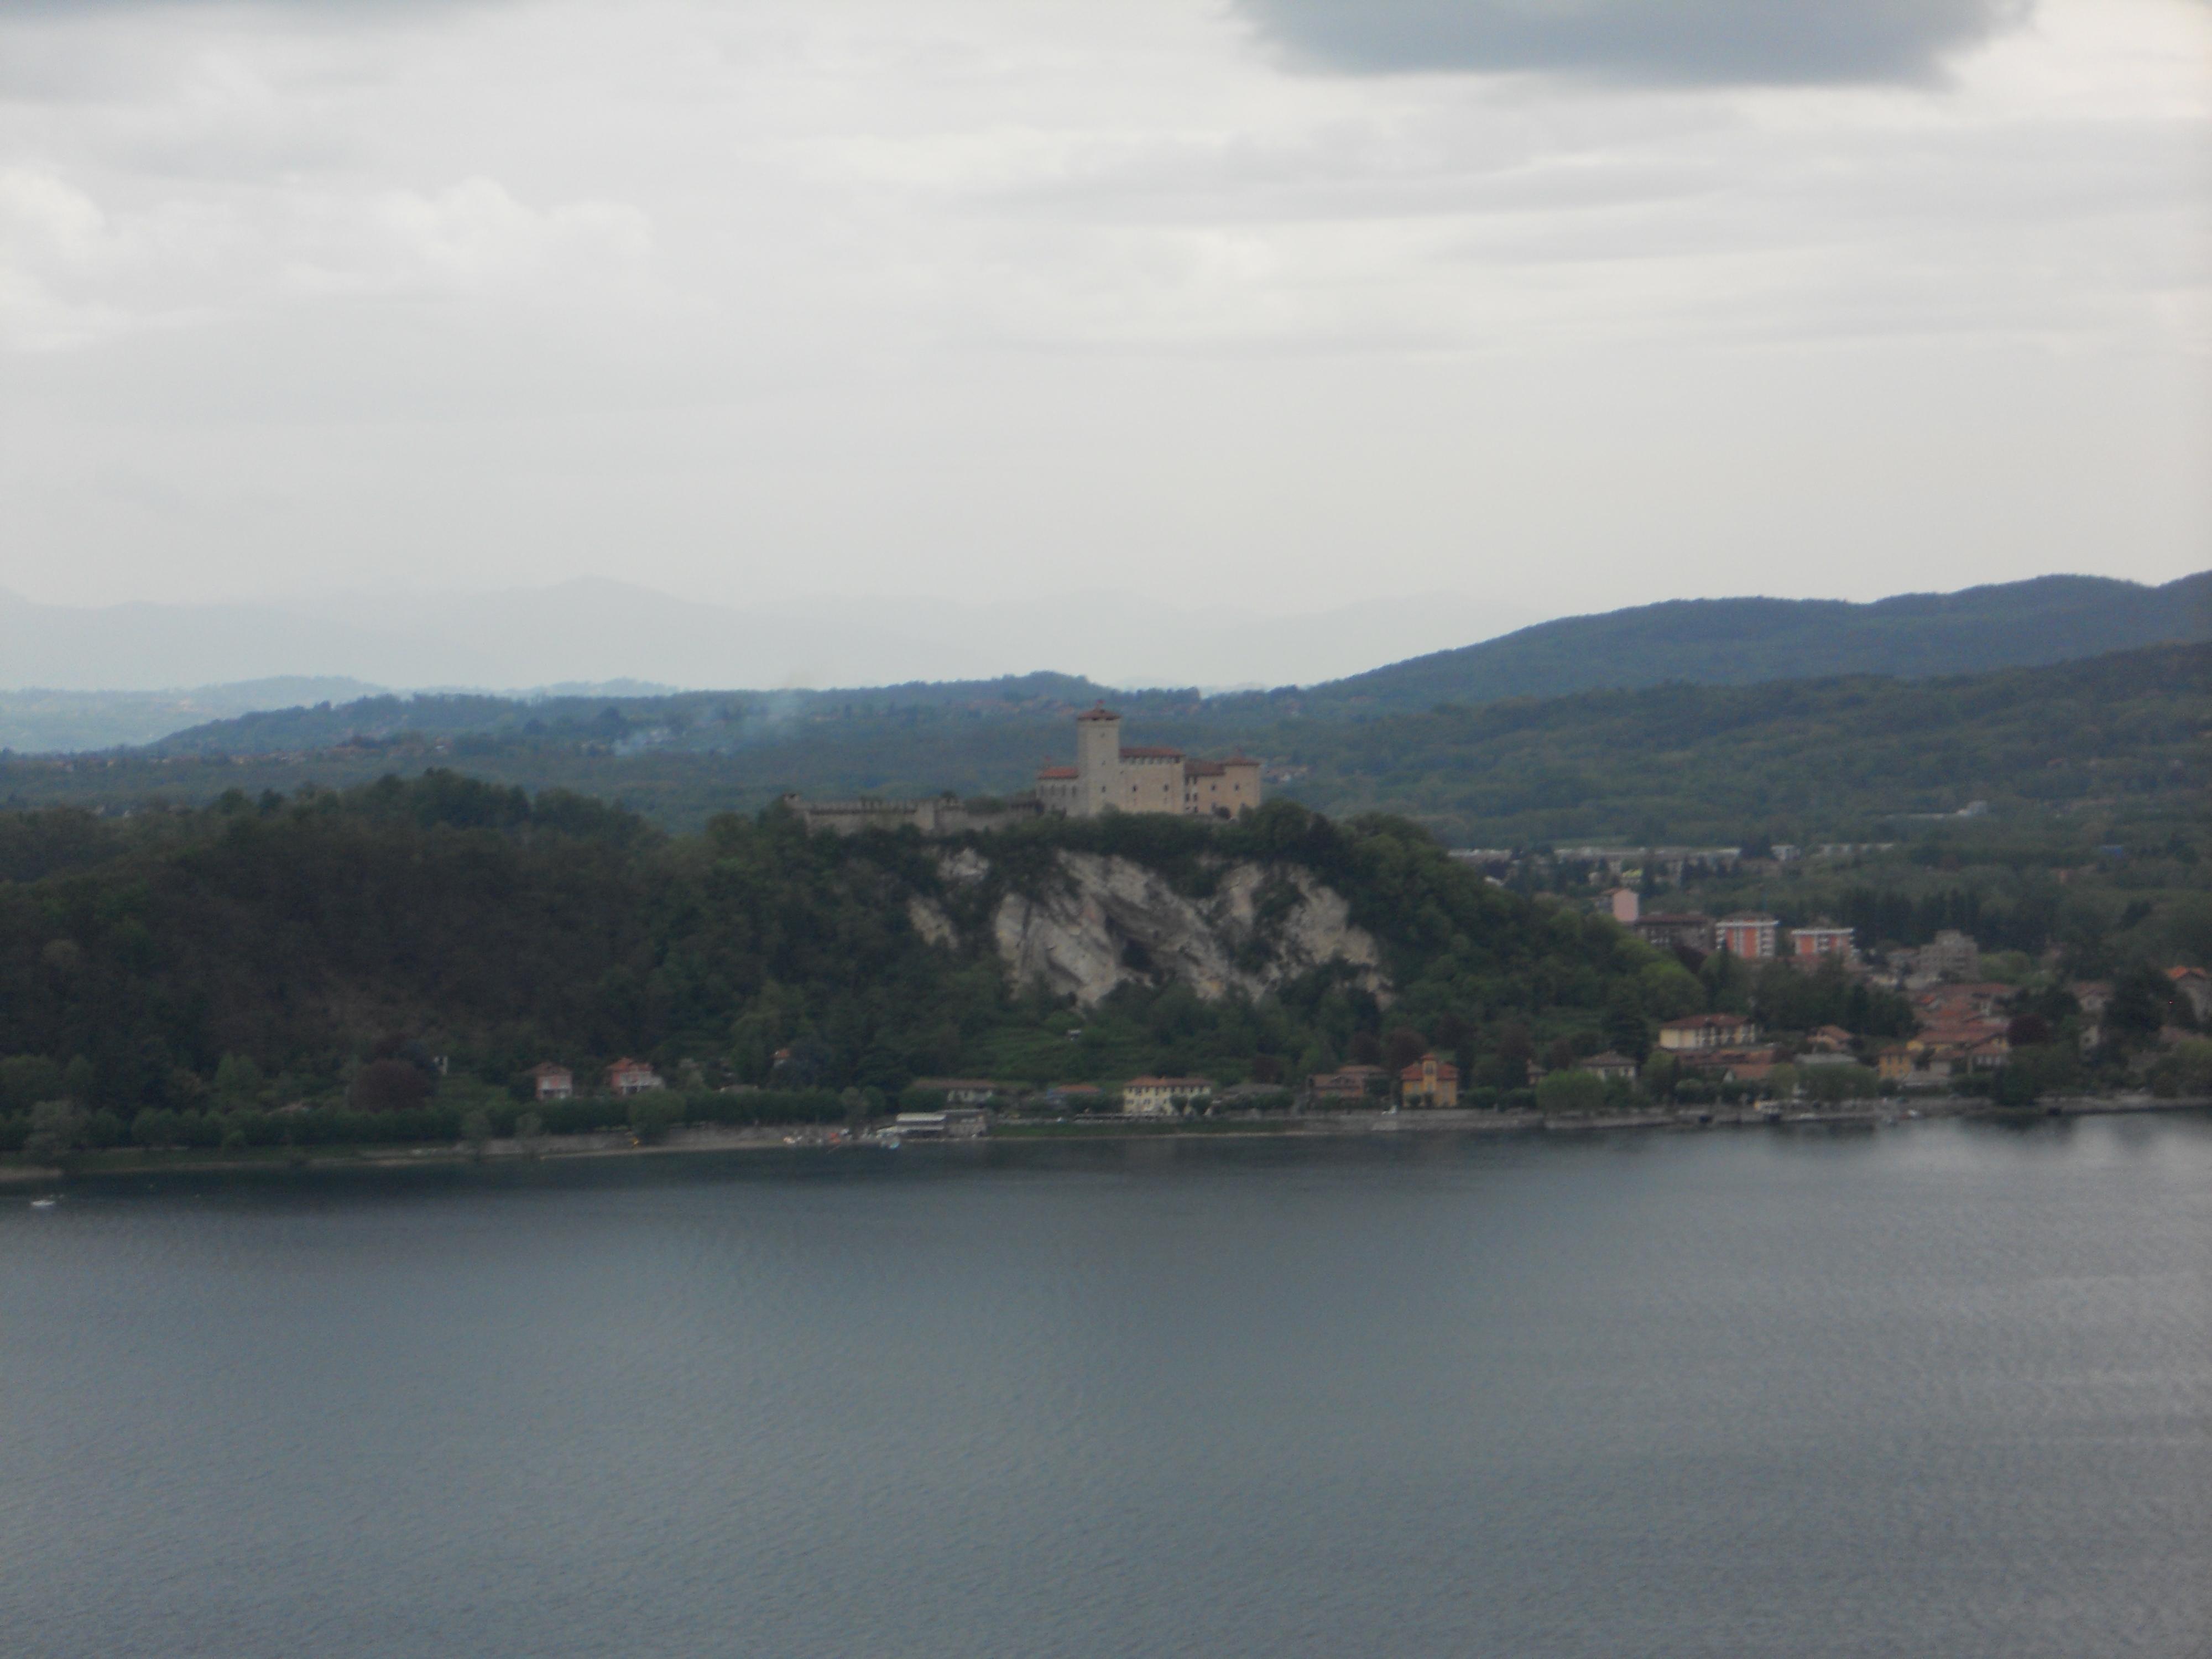 Idee per una vacanza: il lago Maggiore (parte II)